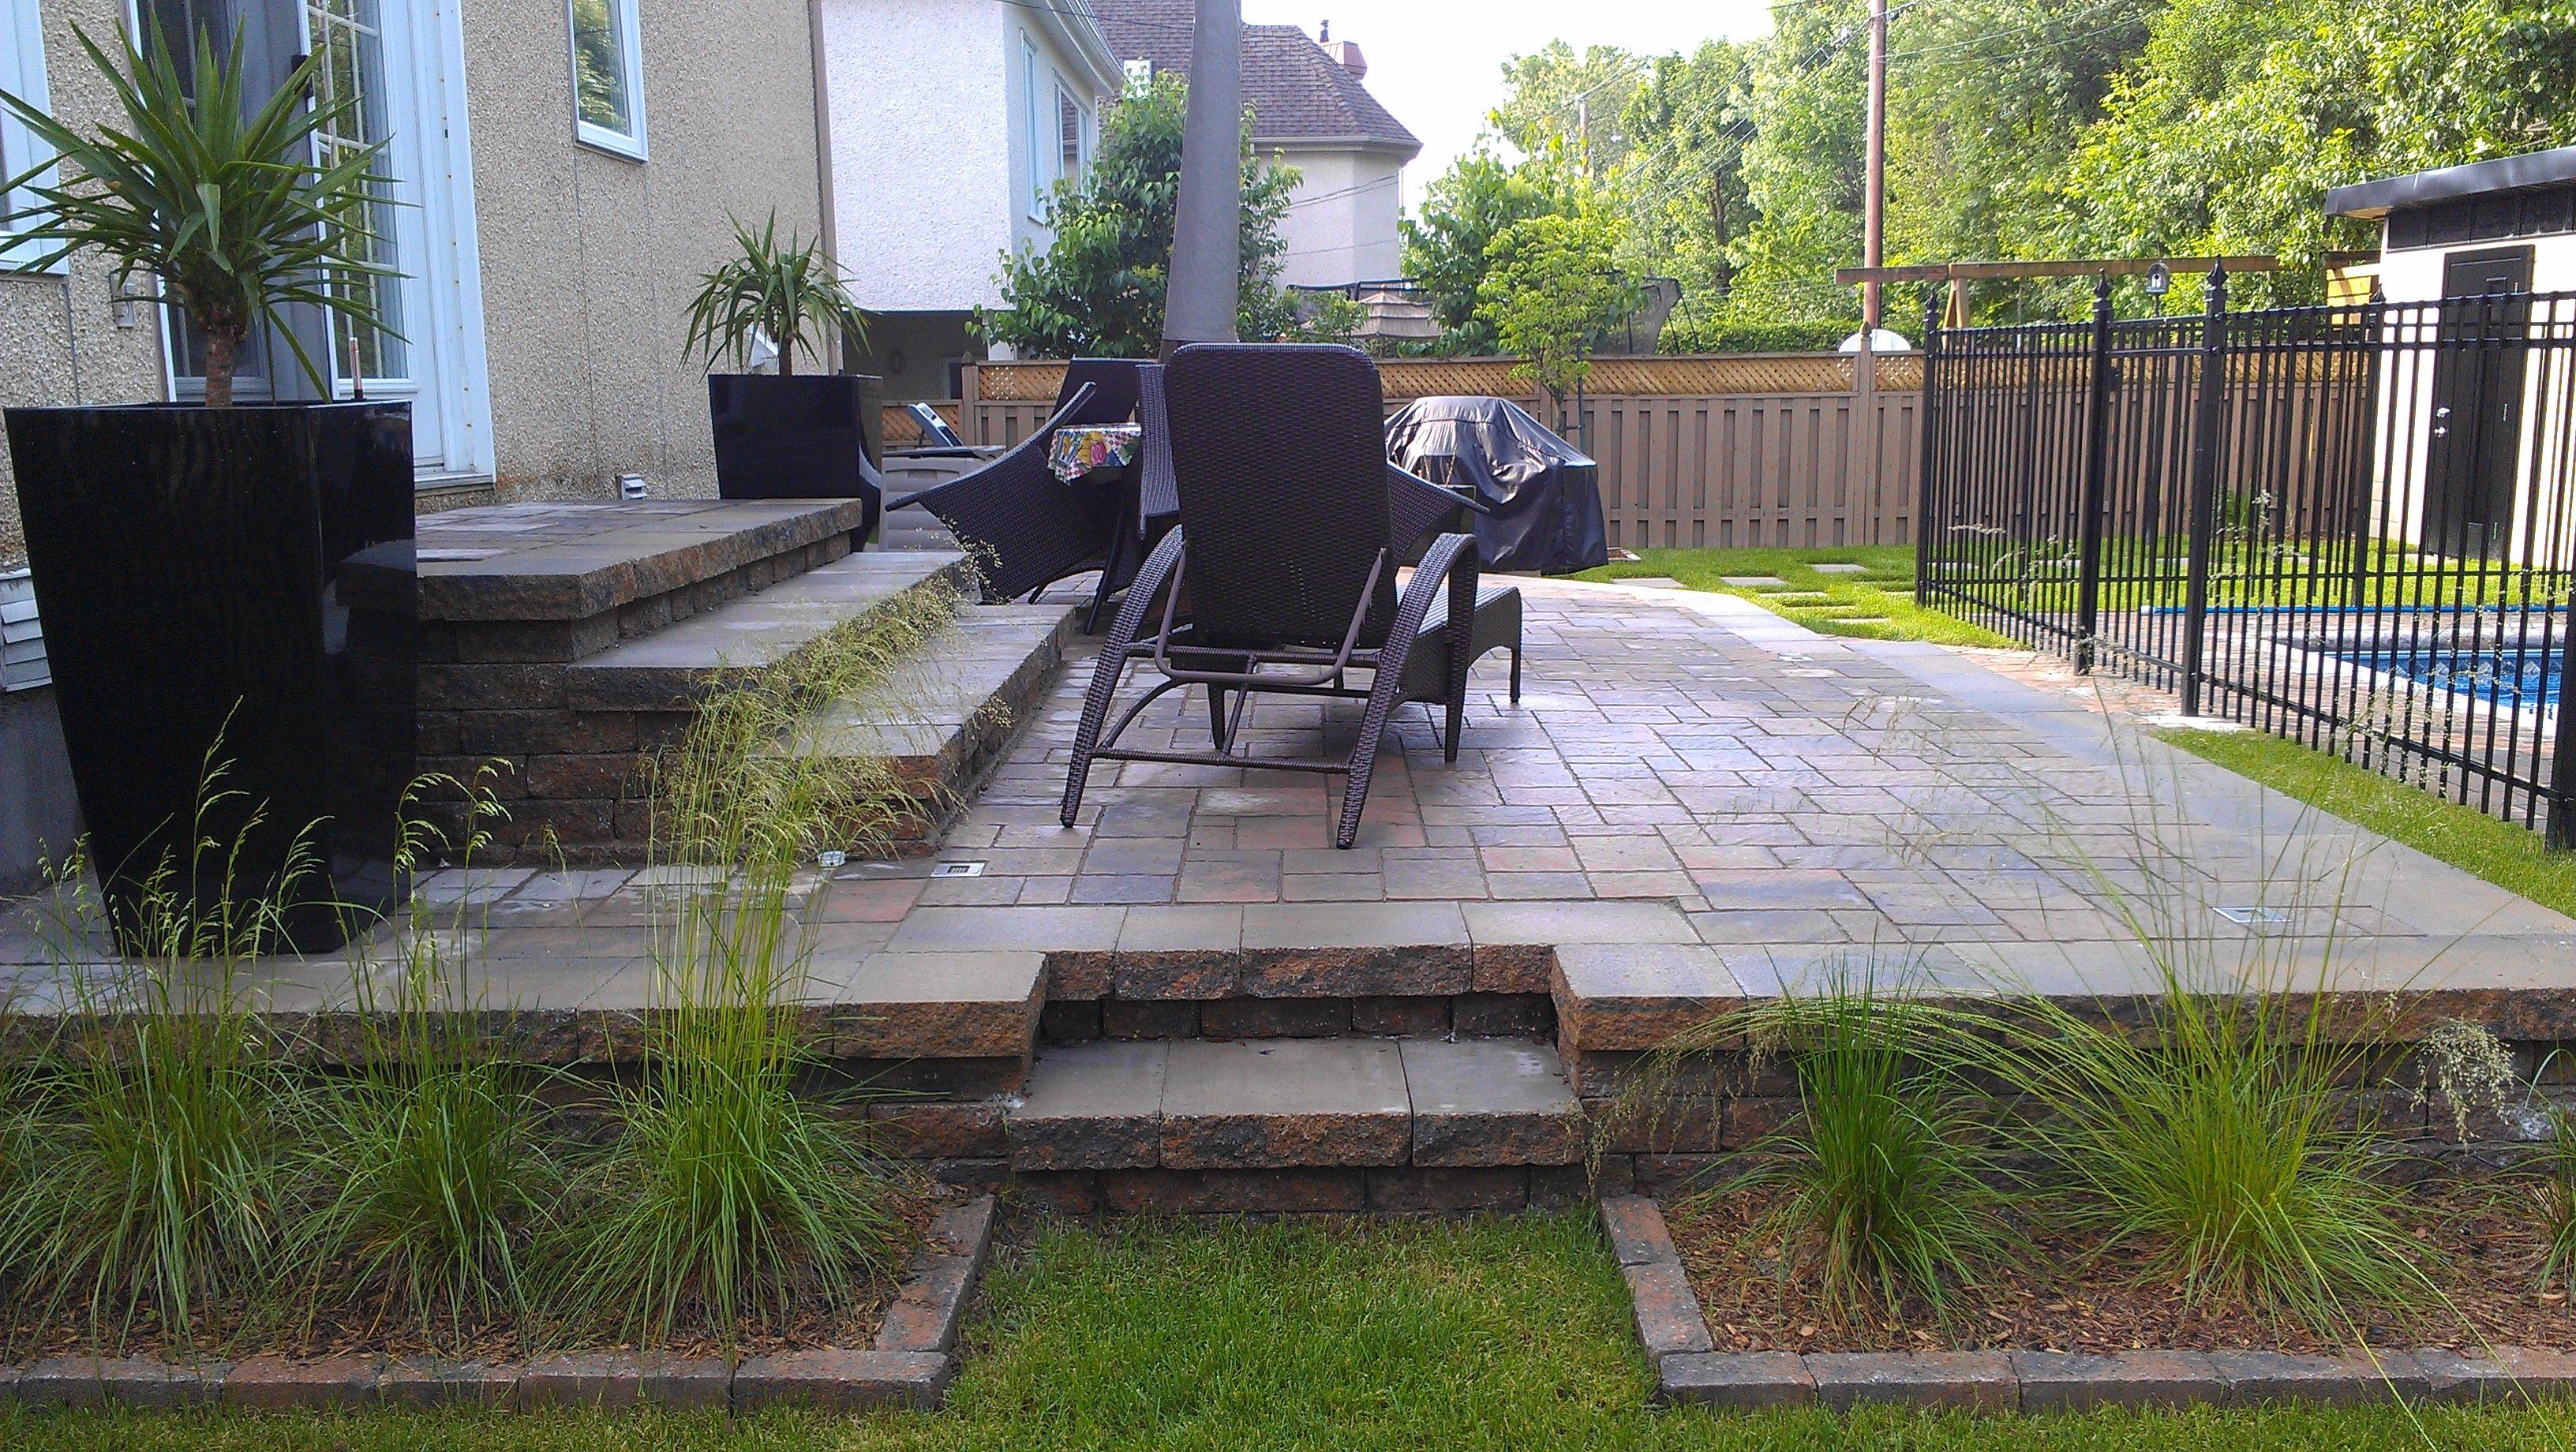 Am nagement d 39 une terrasse en dalles de pav permacon m ga for Amenagement patio terrasse